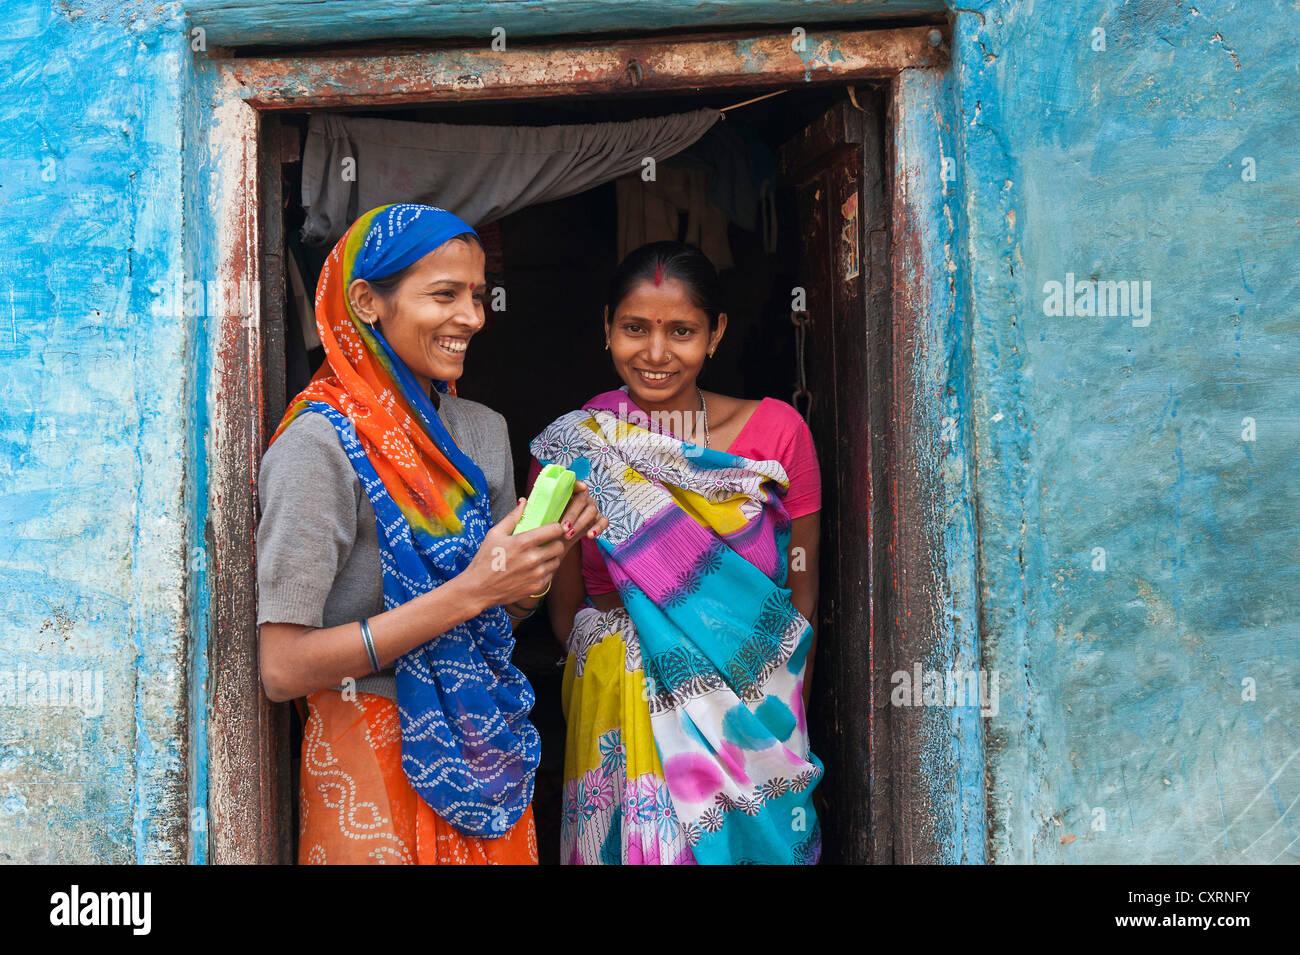 Dos mujeres sonrientes en una puerta, Varanasi, Benares o Kashi, Uttar Pradesh, India, Asia Imagen De Stock